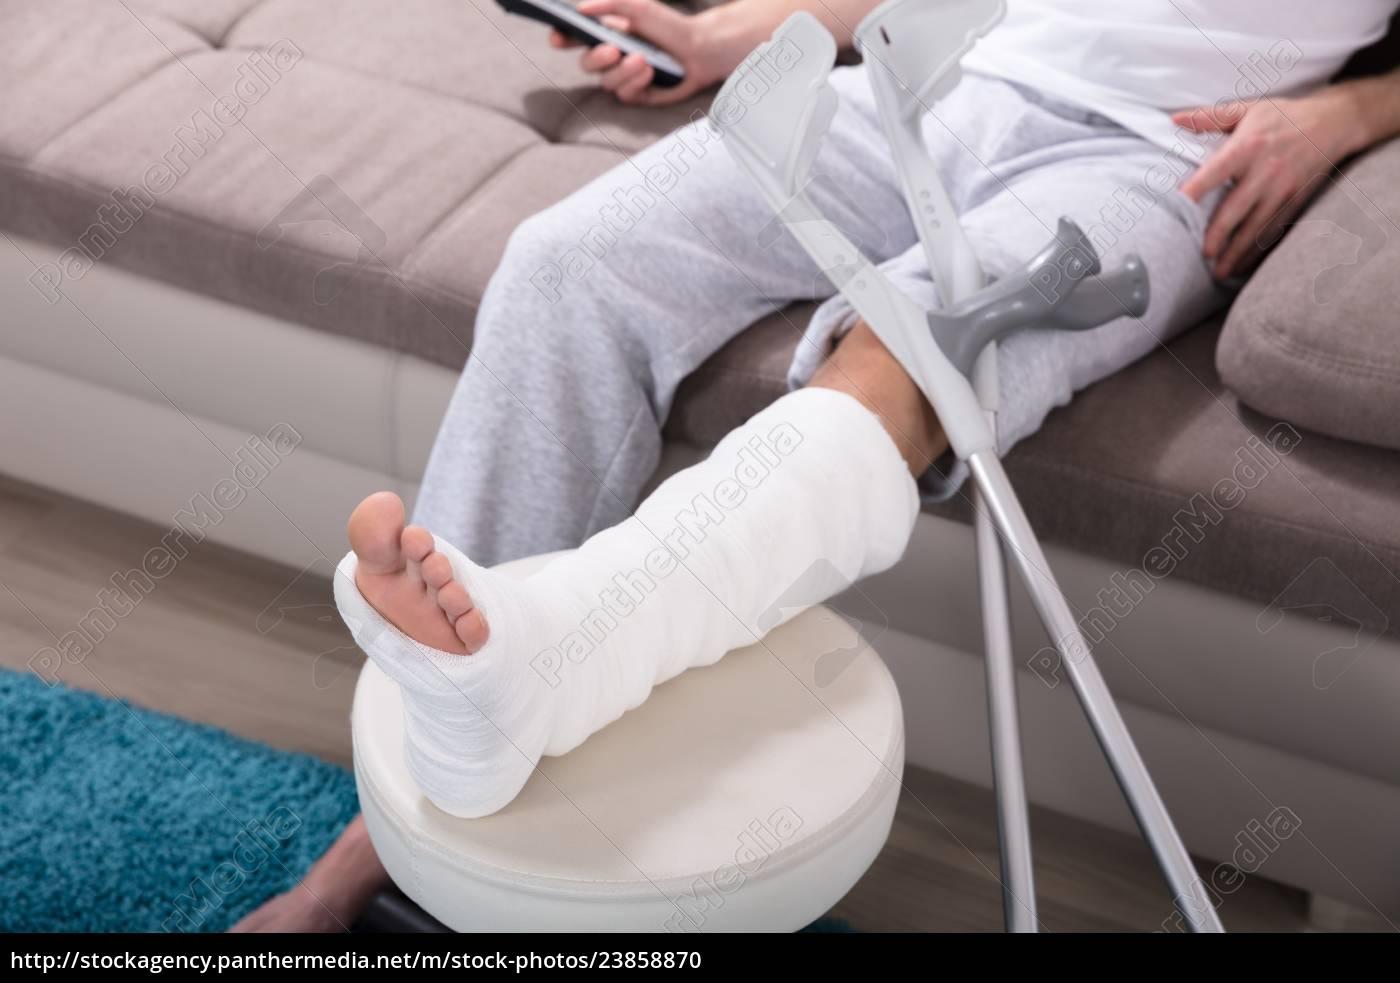 Mand med brækket ben sidder på sofaen - Stockphoto - #23858870 | PantherMedia Billedbureau